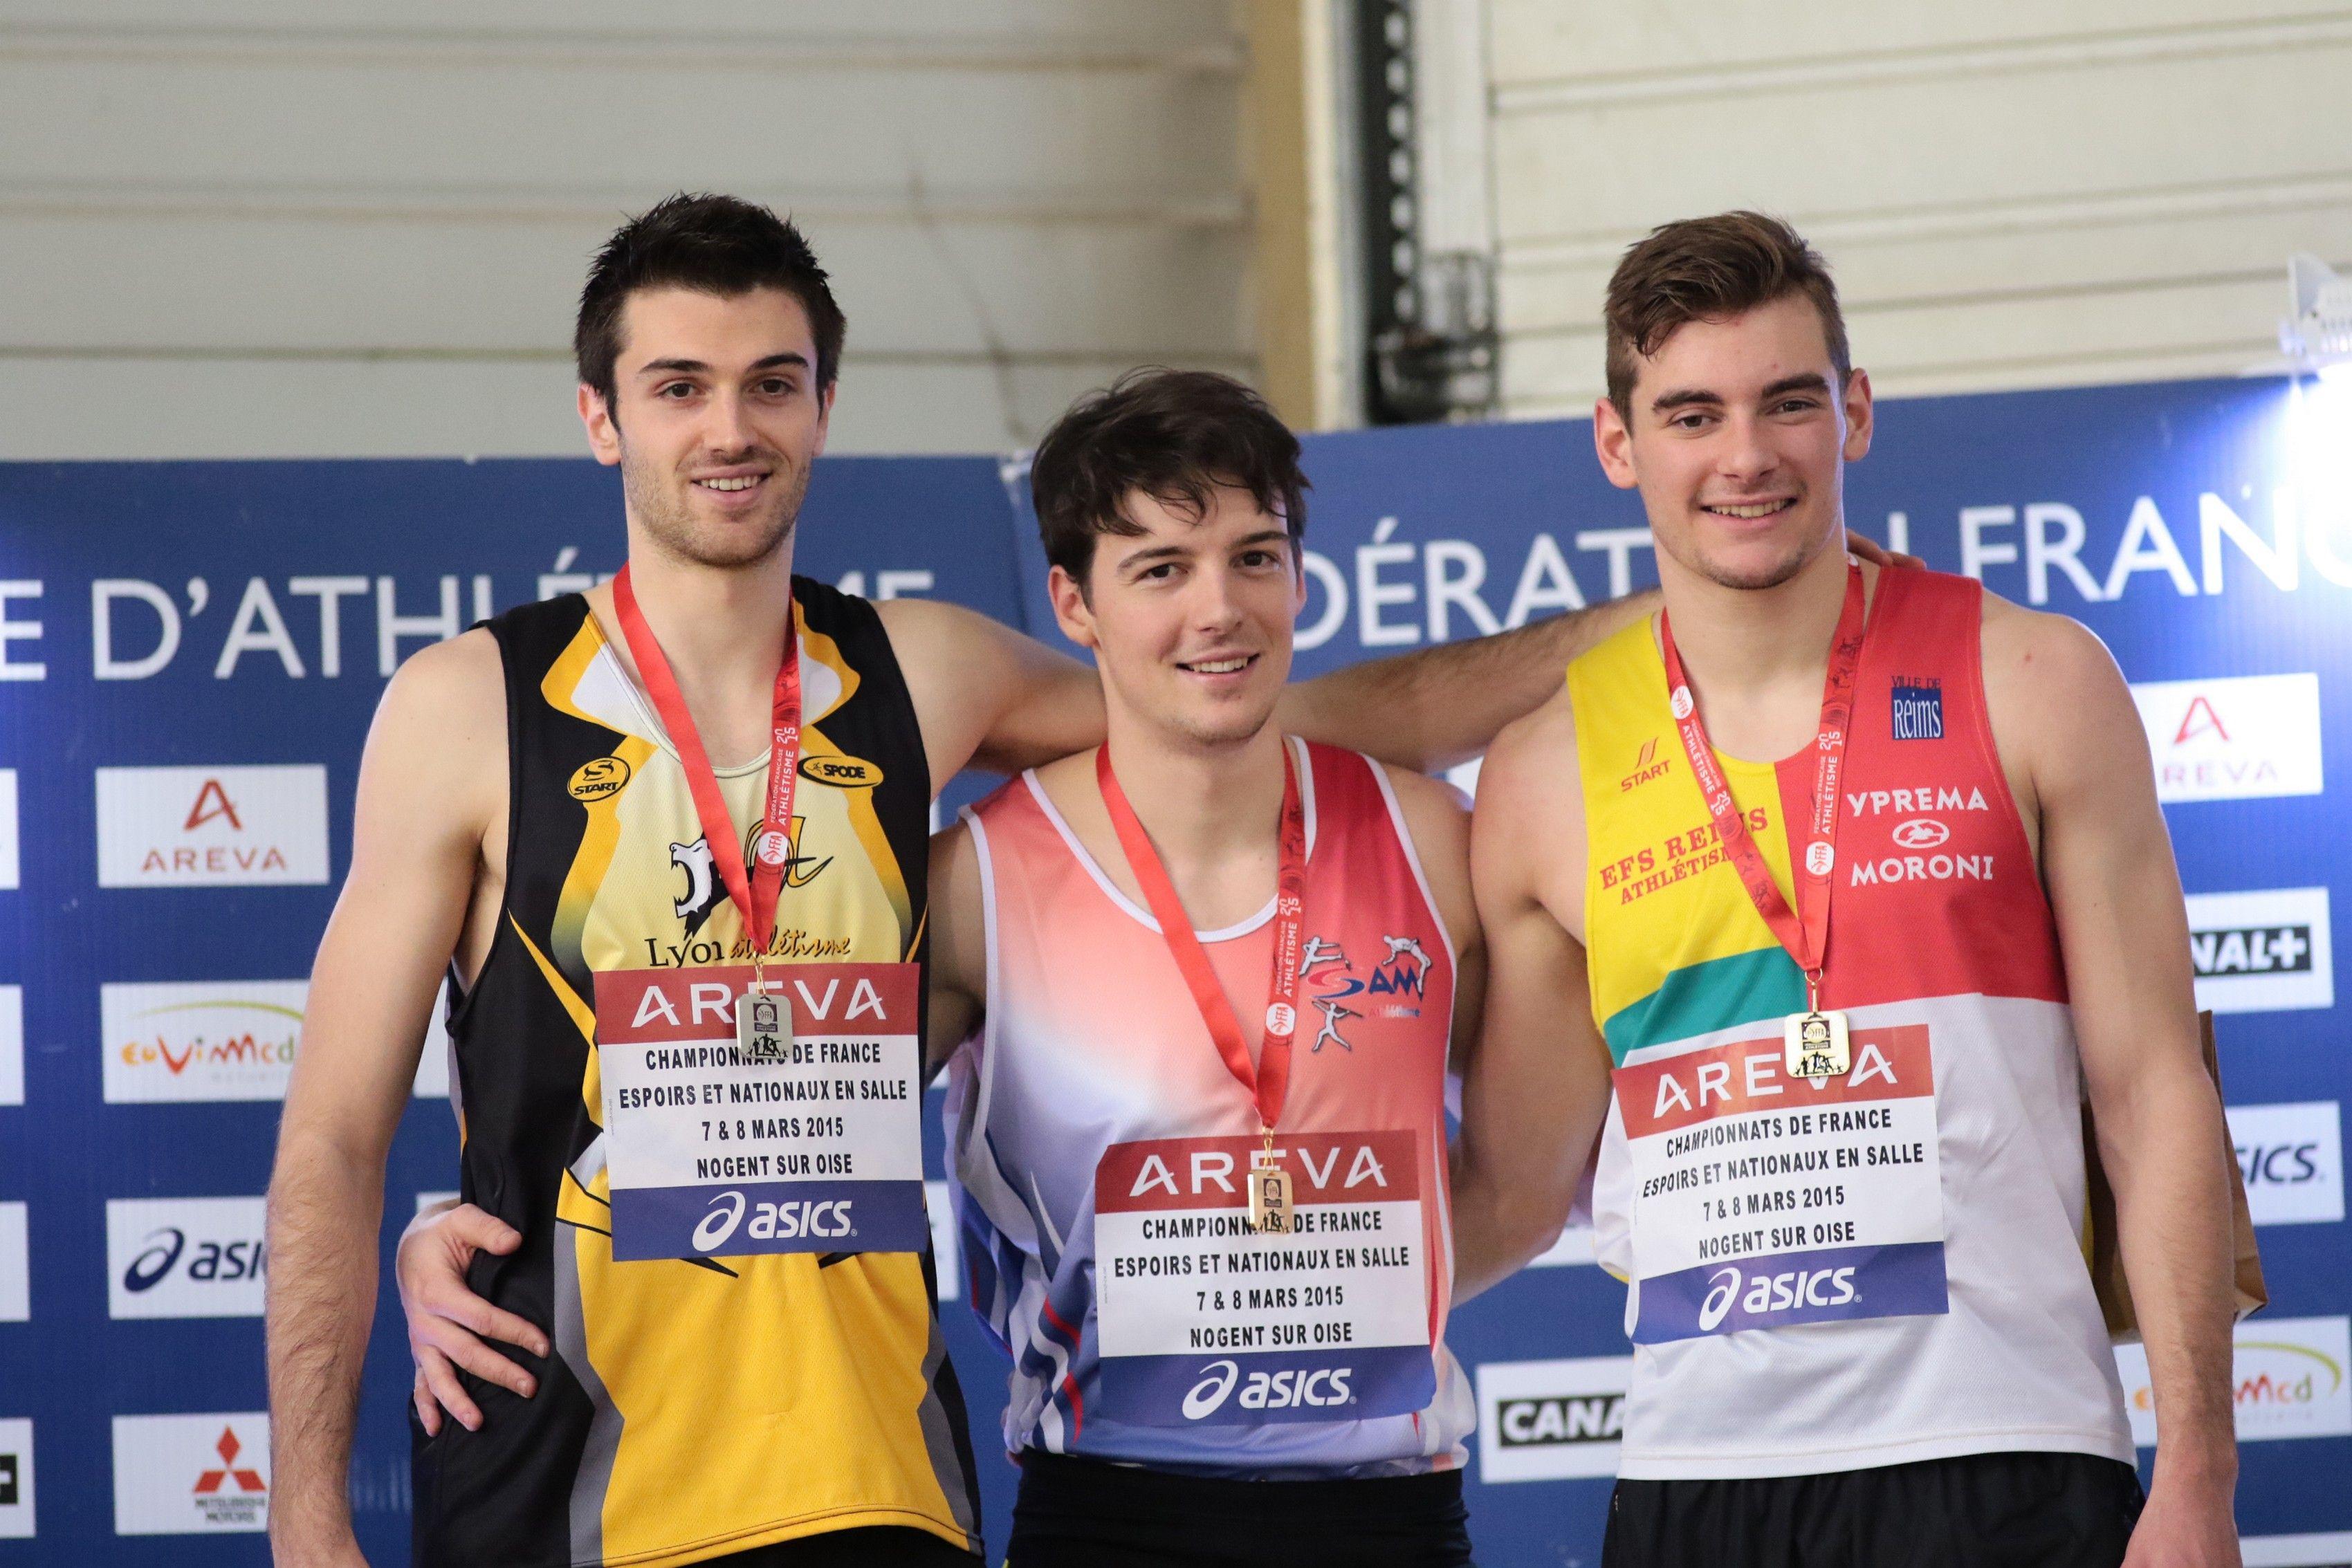 Alexandre Divet - 200 et 400m - Championnats de France 2015